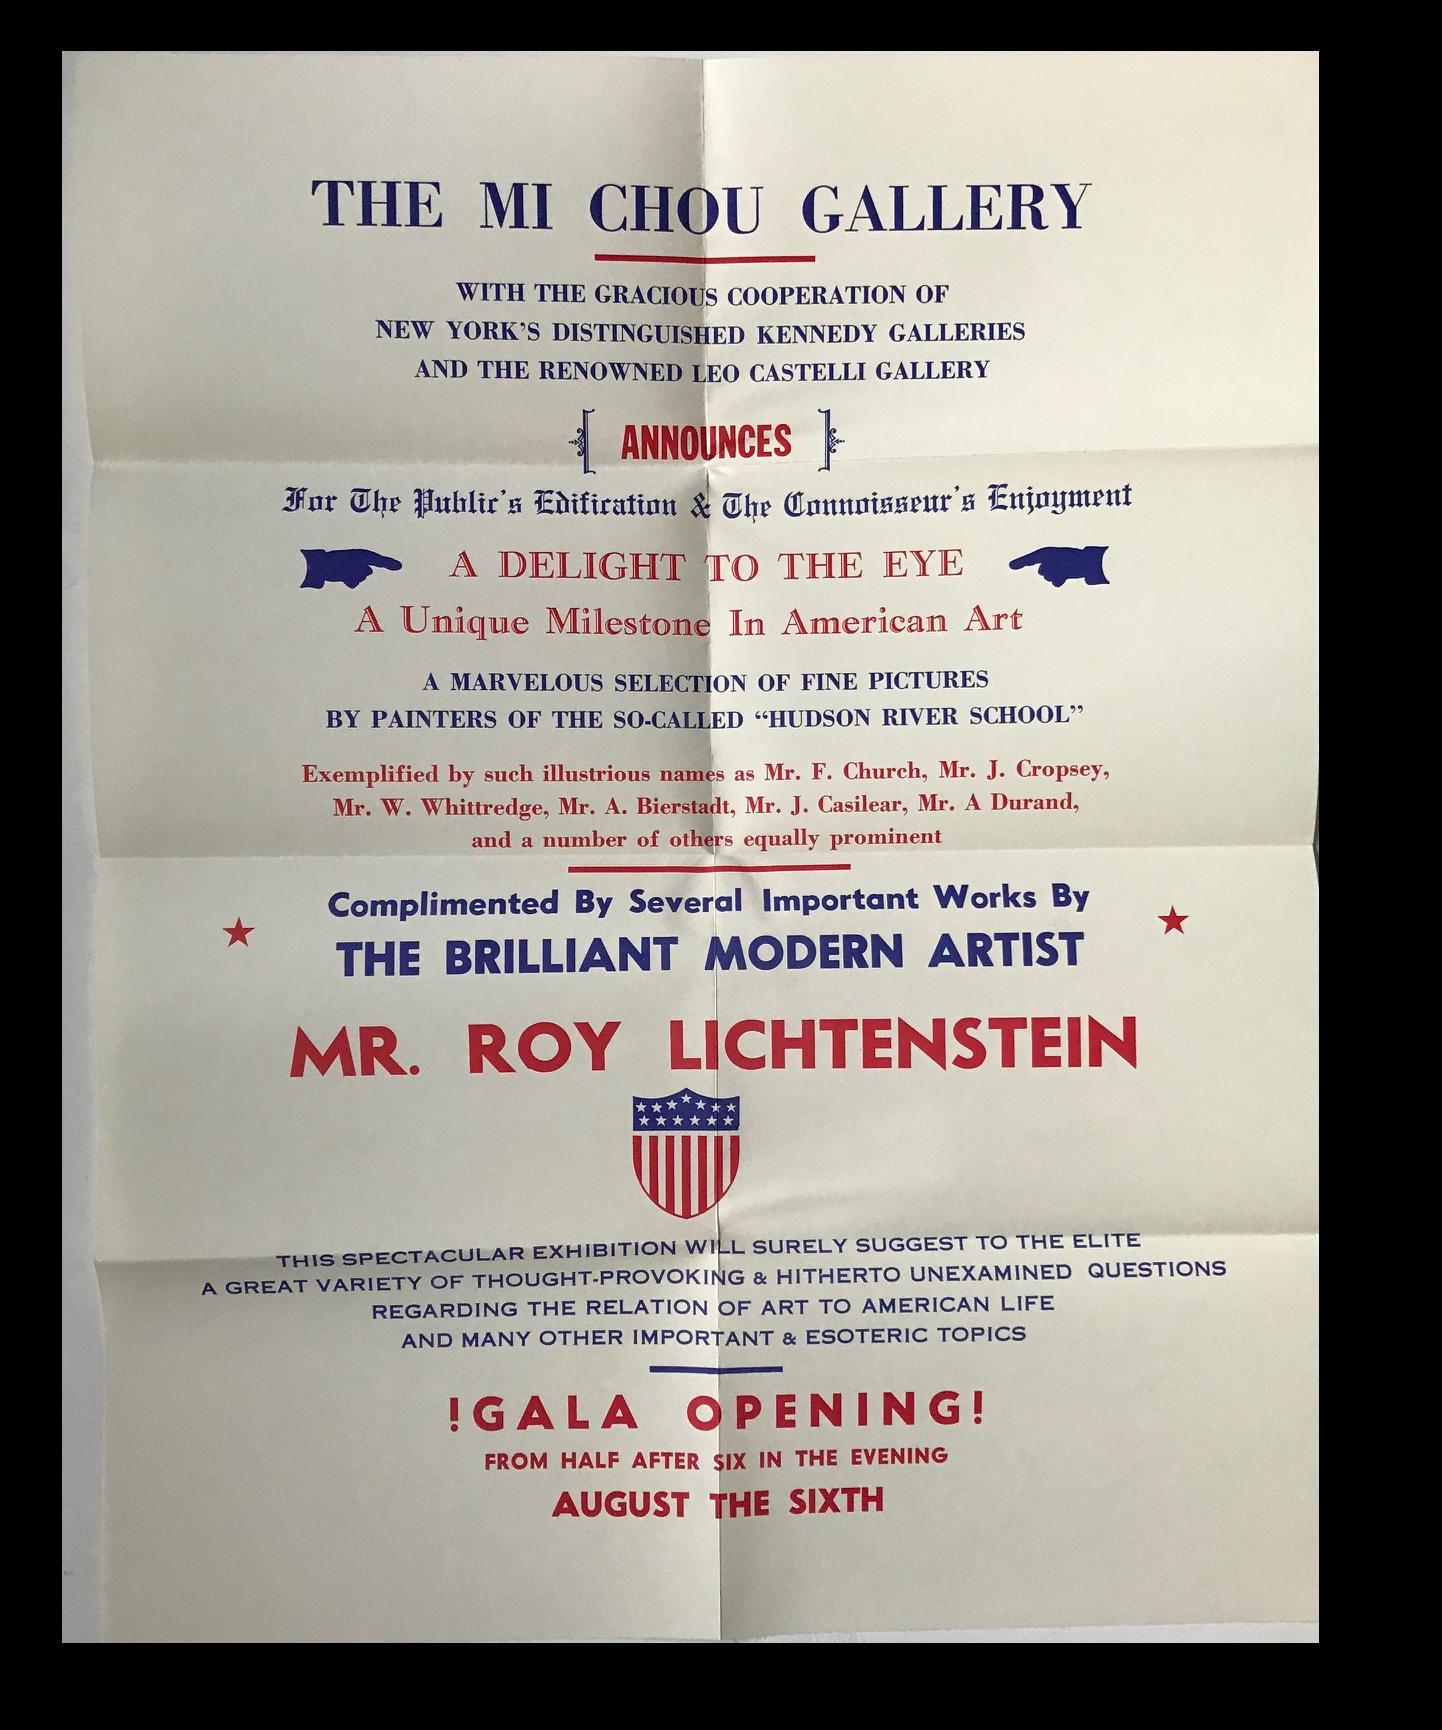 """""""Mr. Roy Lichtenstein"""" , 1962, Exhibition Mailer / Poster / Invitation, Mi Chou Art Gallery/ Kennedy Gallery/ Leo Castelli Gallery NYC,."""